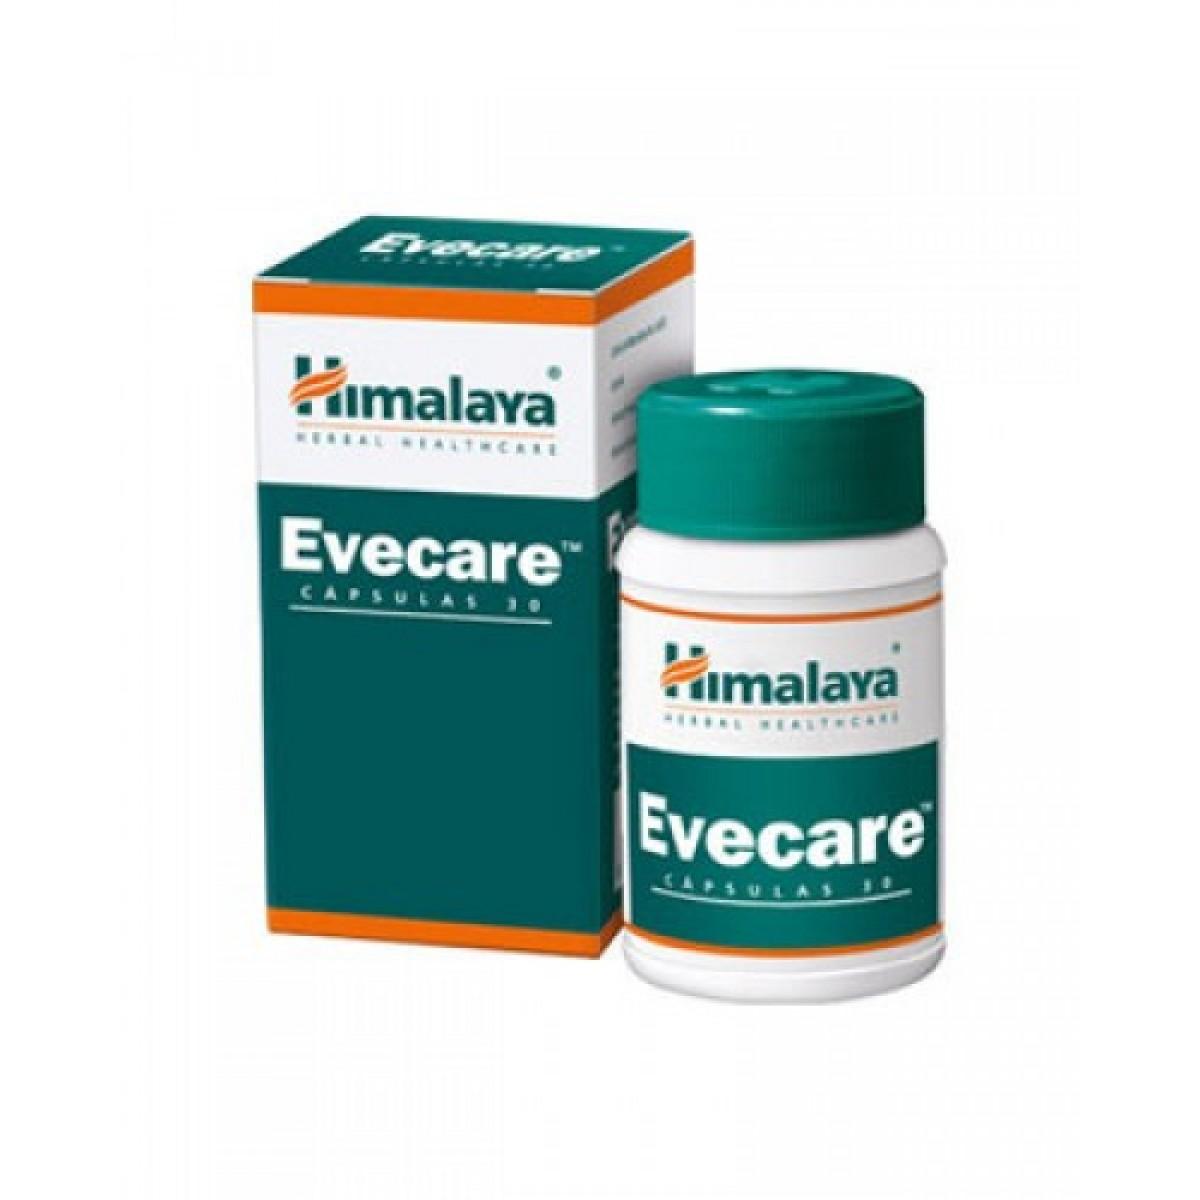 Himalaya - Evecare